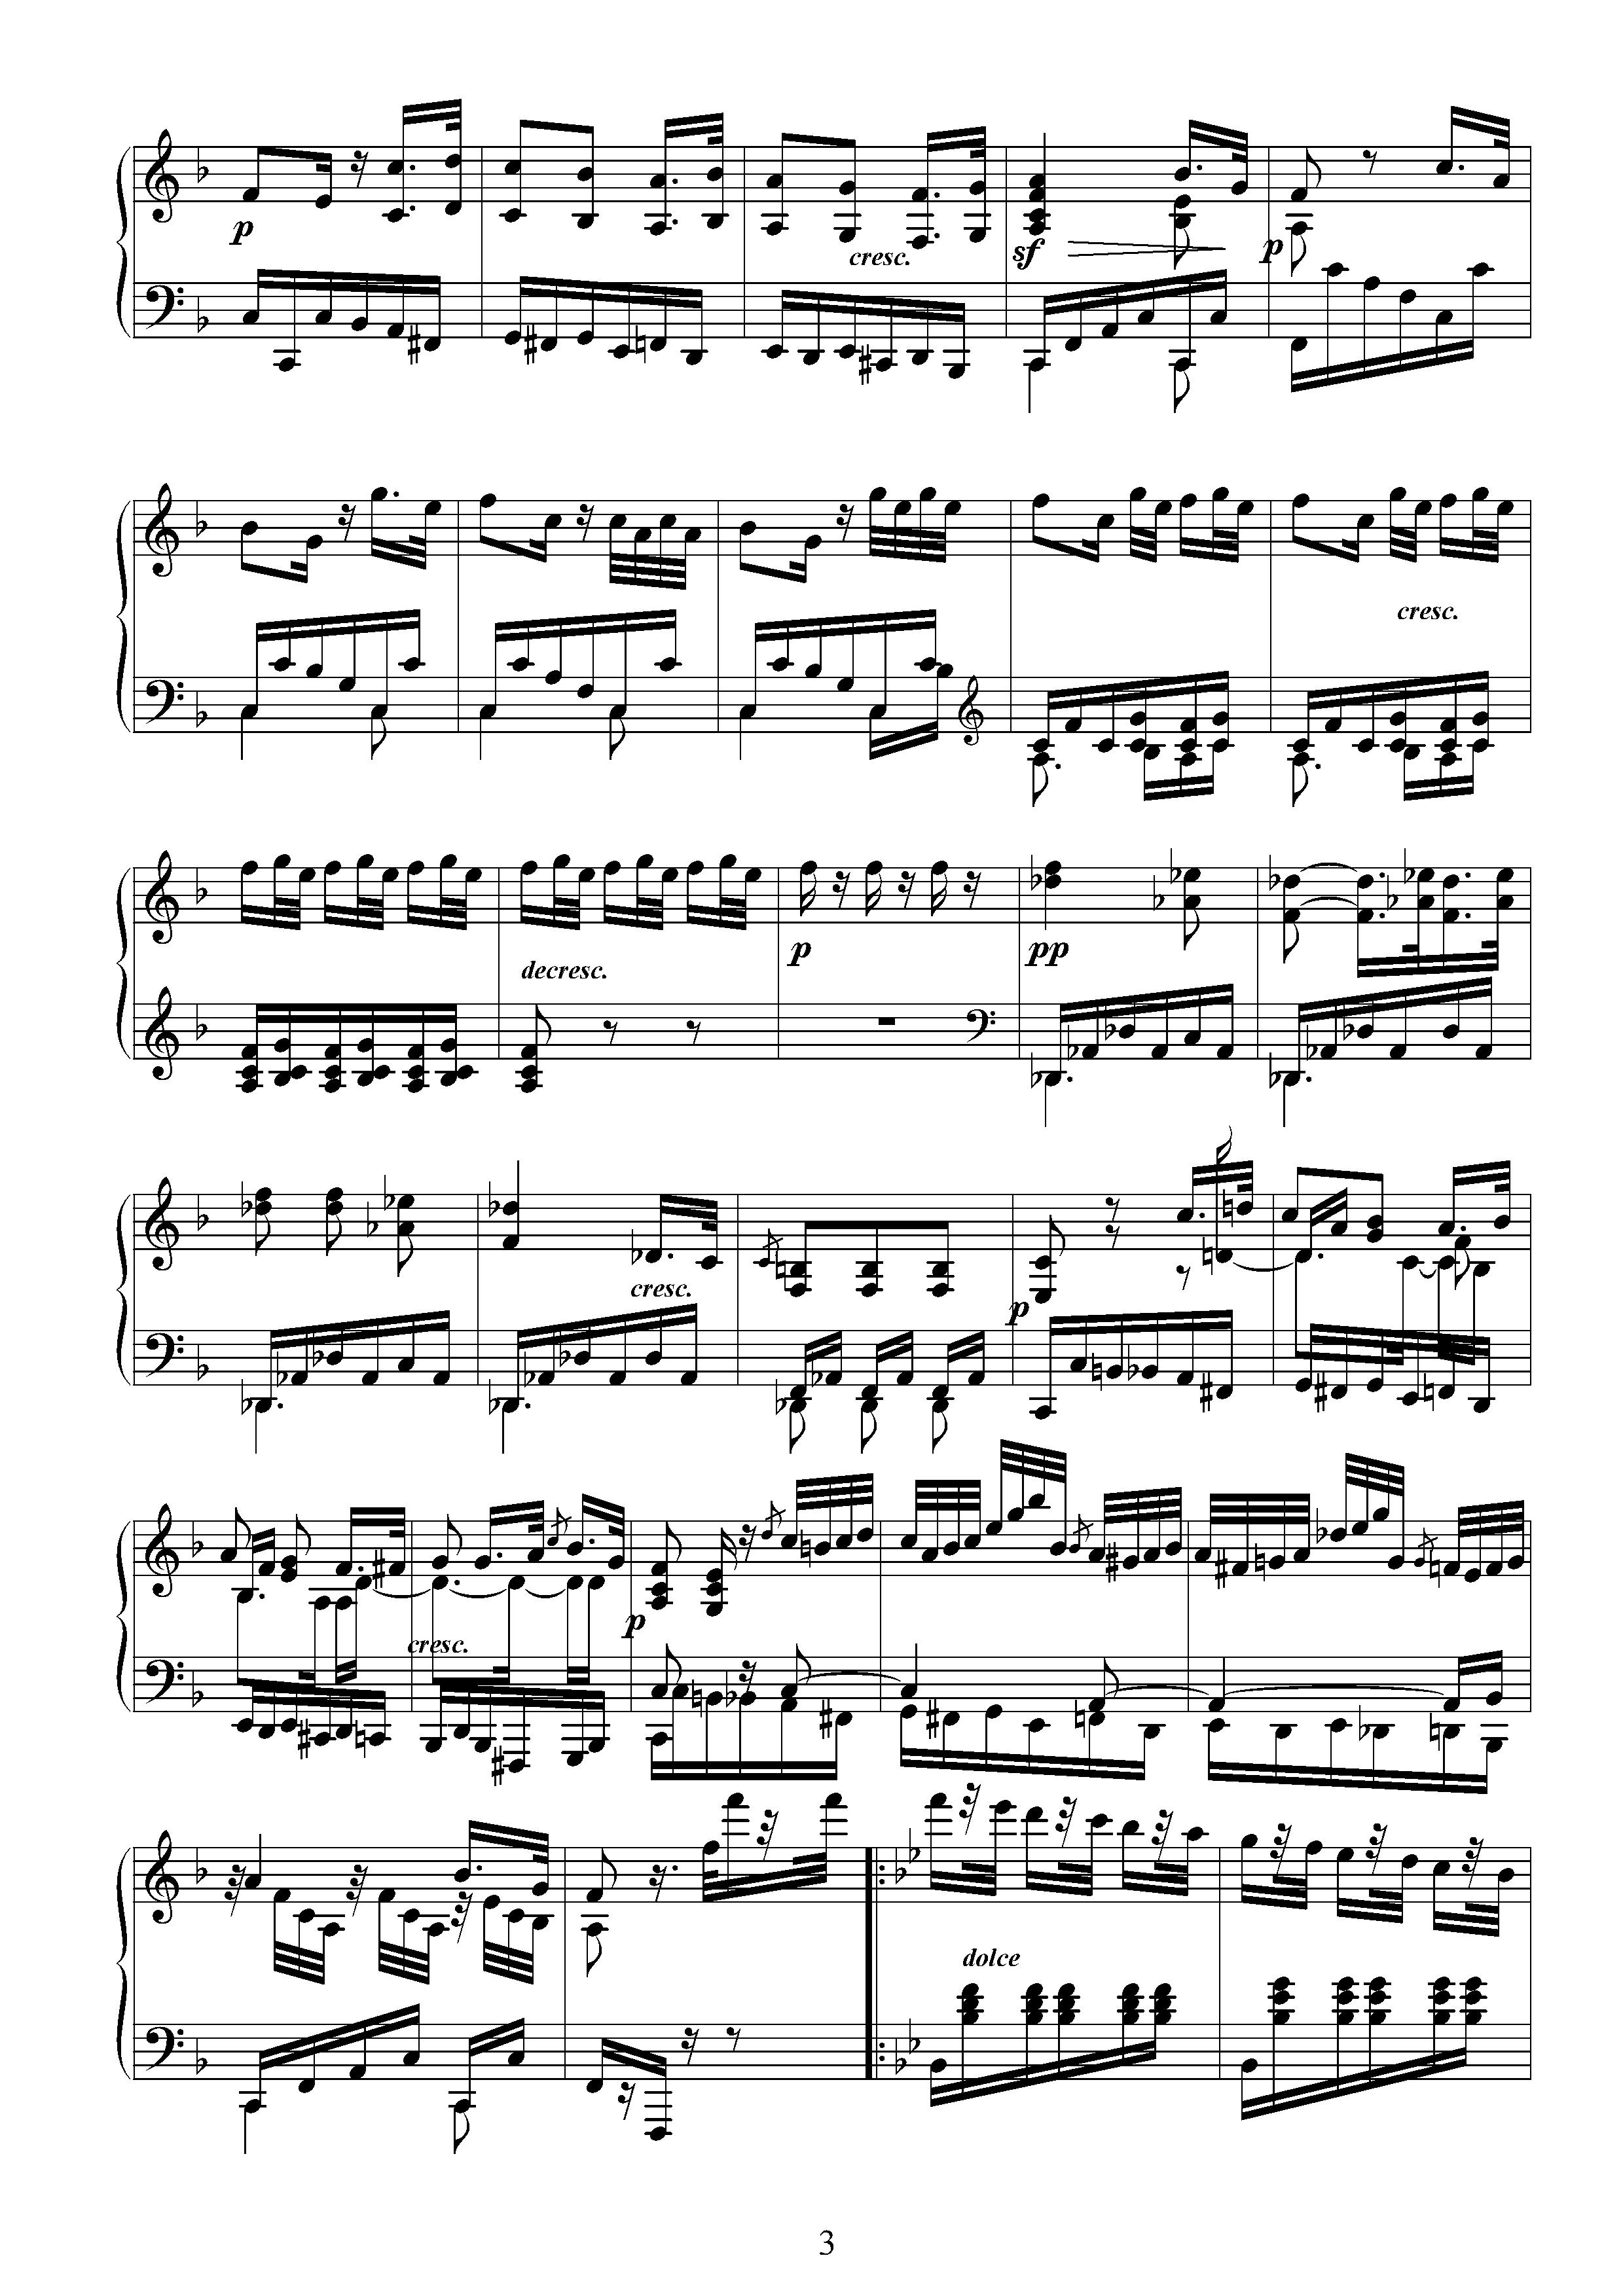 klavierunterricht in Wien! klavierspielen.at